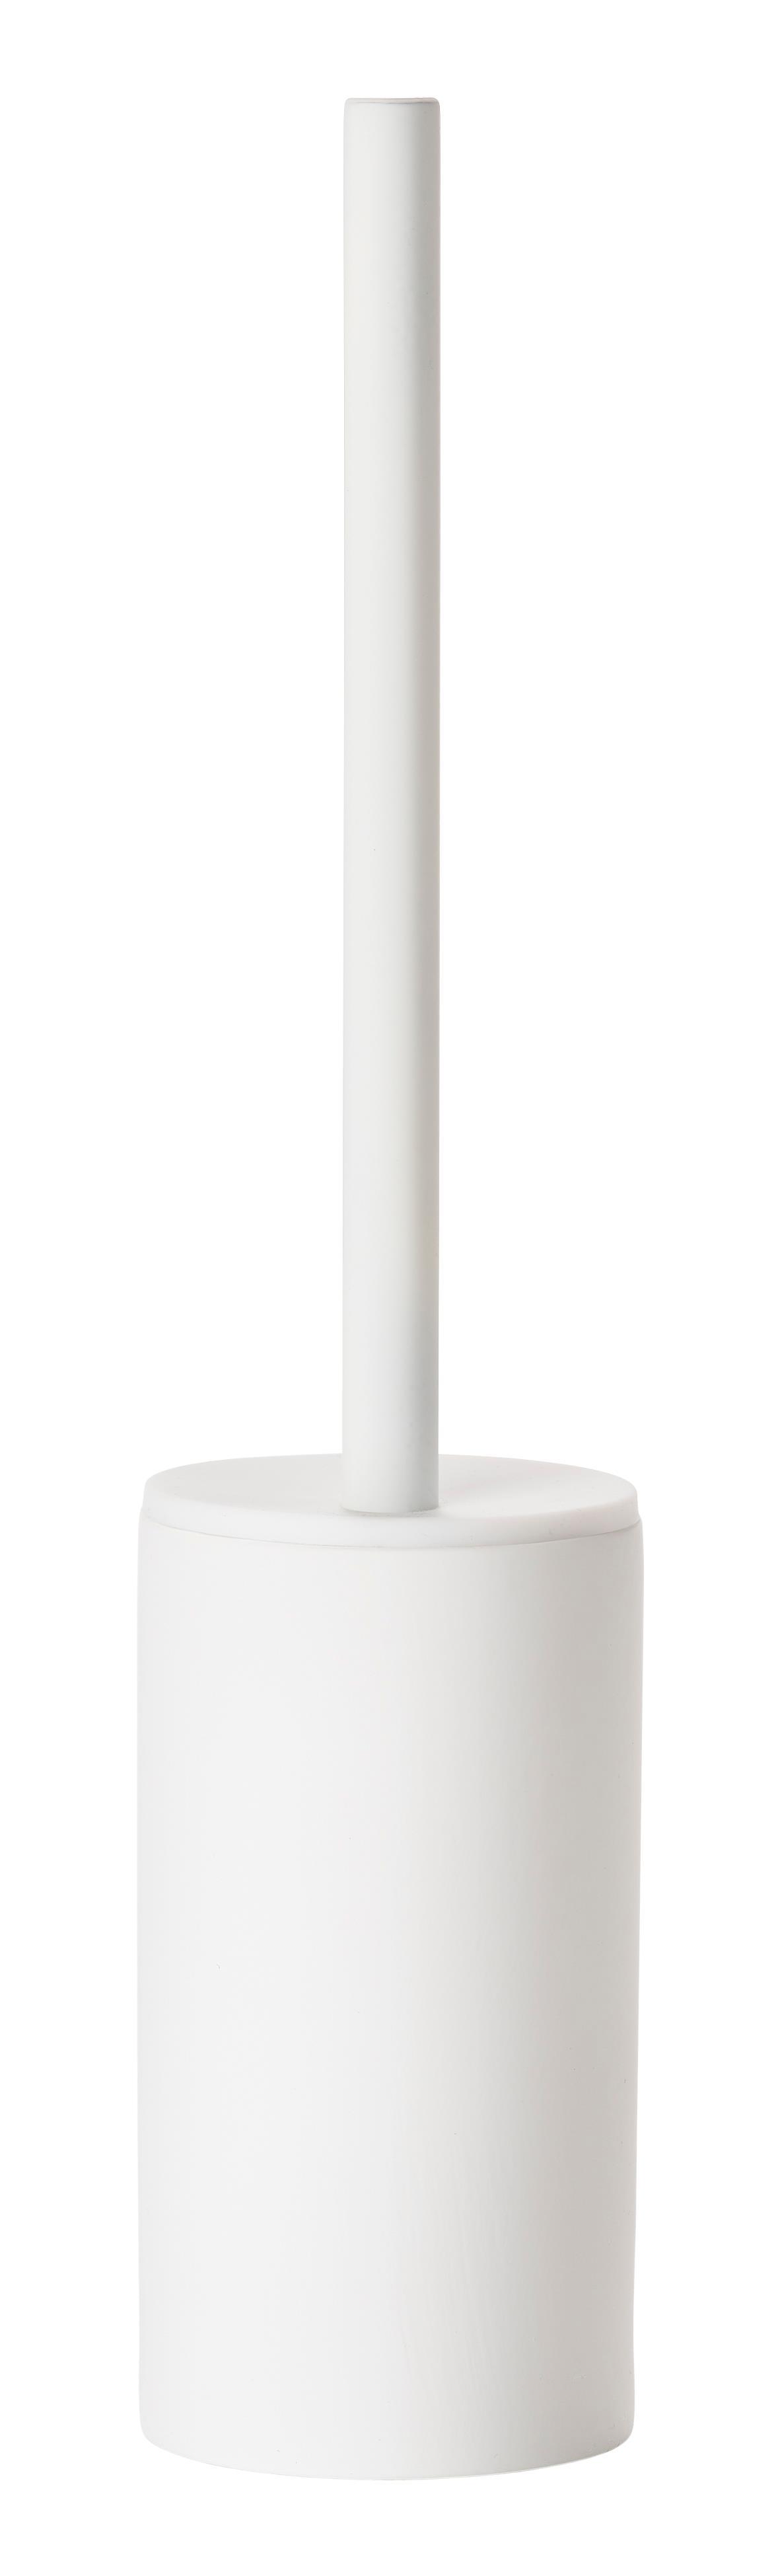 Zone - Solo Toilet Brush - White (330241)